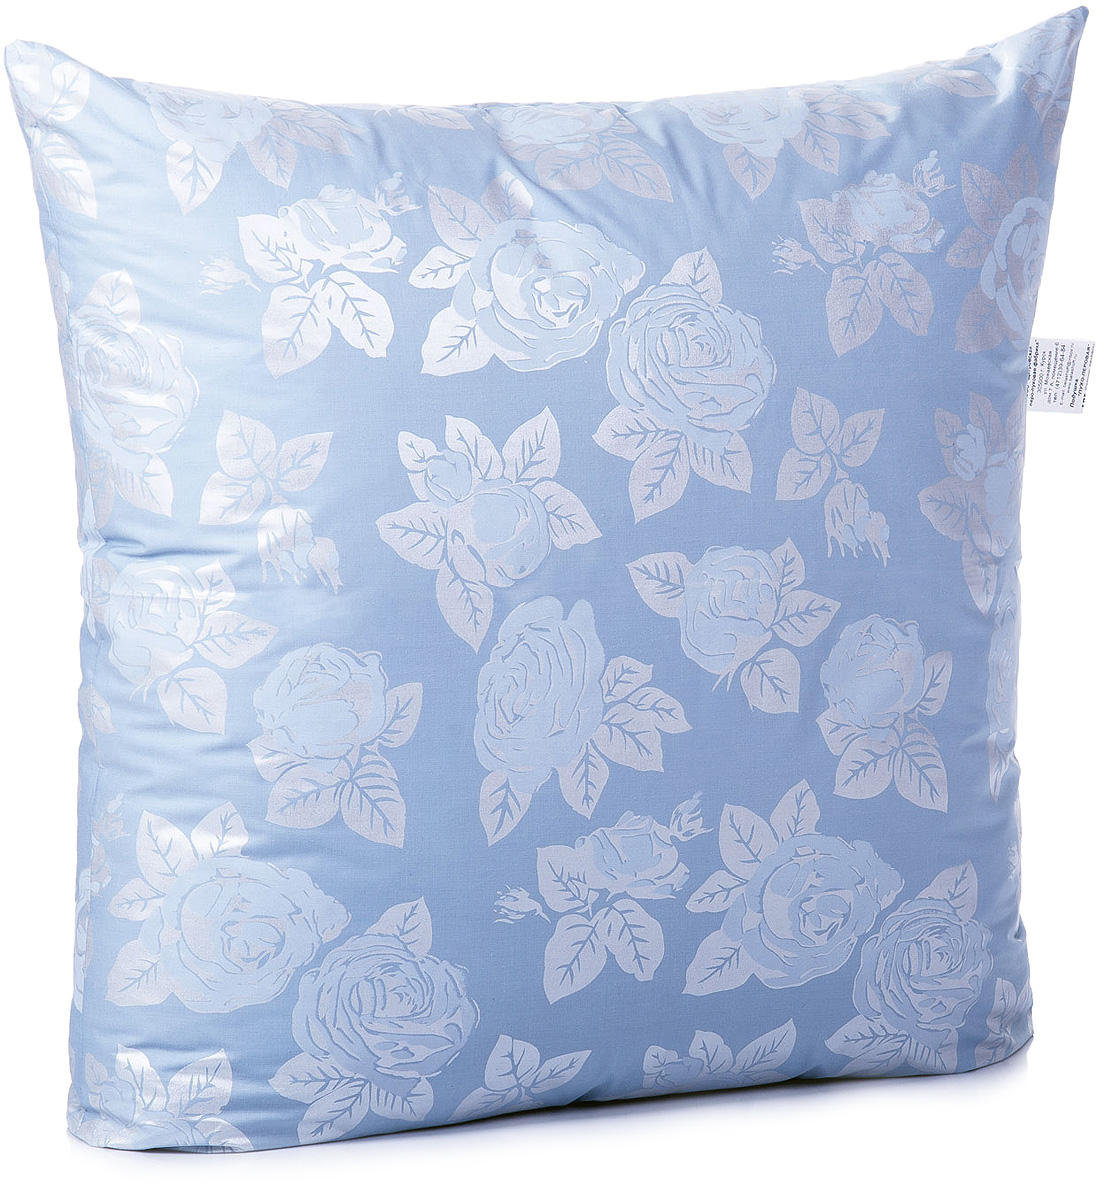 Коллекция пуховых постельных принадлежностей, выполненная в классическом стиле. Одеяла и подушки отличаются объемом и плавностью линий. Оптимальное соотношение пуха и пера (30/70%) в составе наполнителя, мягкость, упругость одеял и подушек.  Для коллекции подобрана ткань, плотная структура которой препятствует миграции мелкого пера через чехол. Спокойные тона коллекции с неброским рисунком понравятся тем, кто ценит простоту и элегантность.